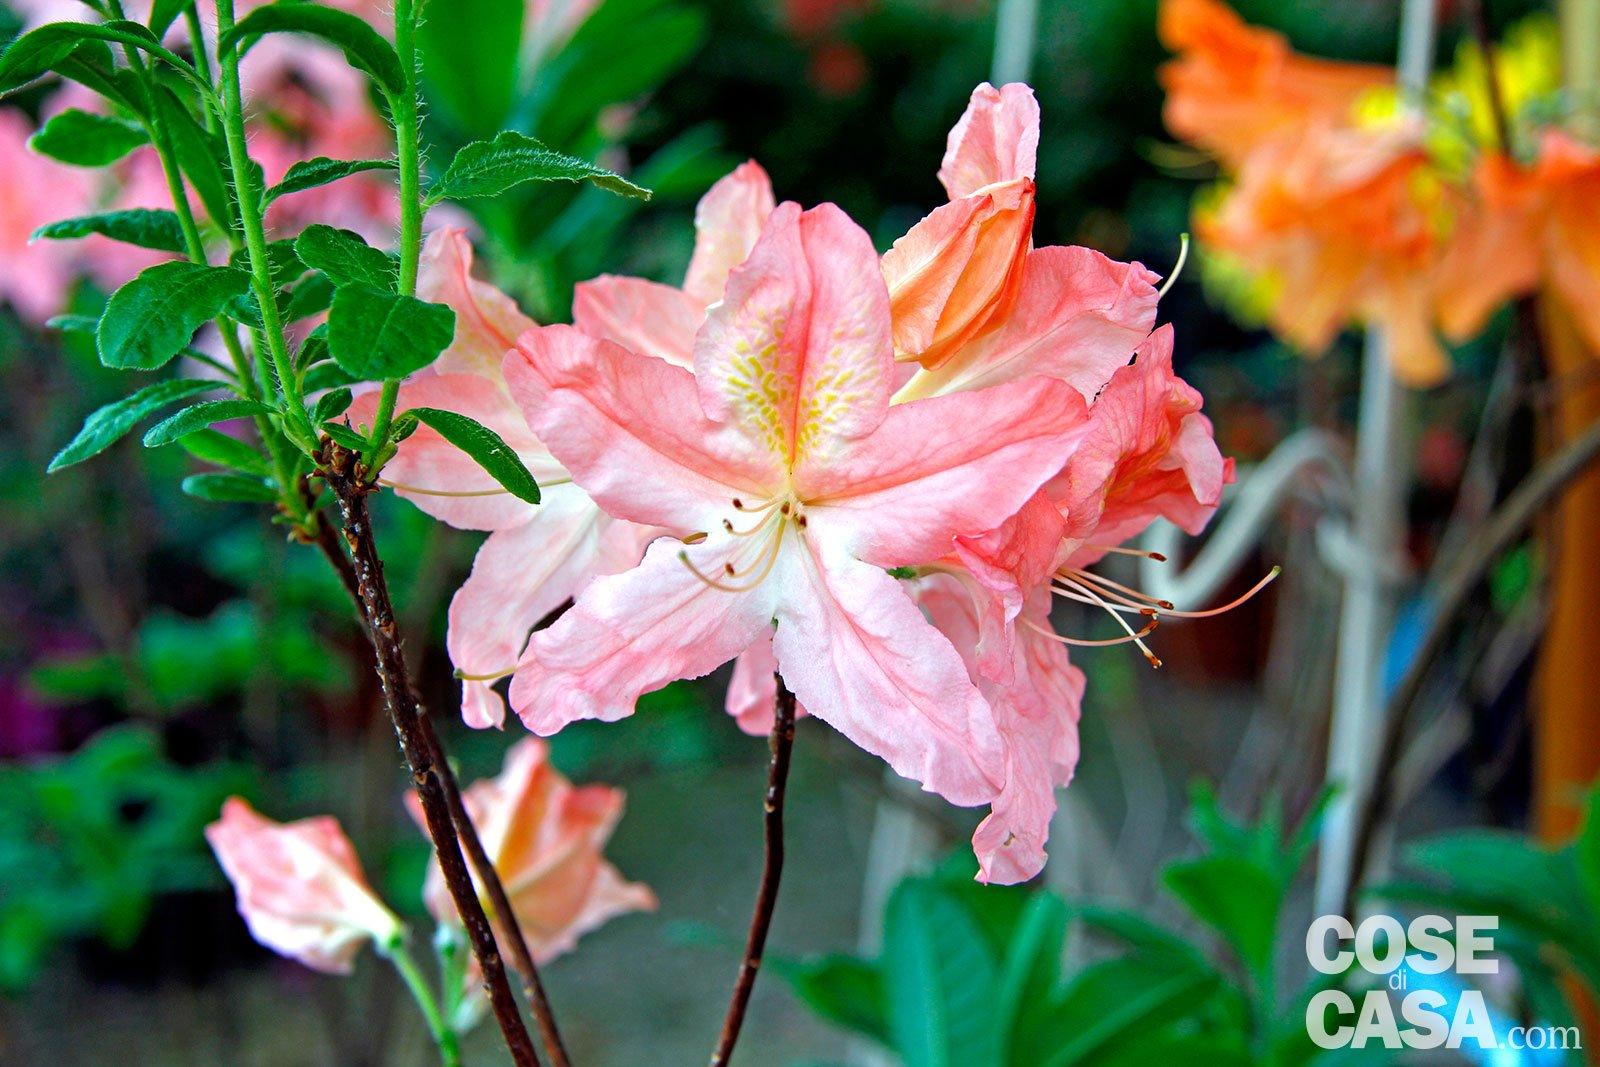 Piante Perenni Resistenti Al Freddo azalea japonica – azalea sempreverde da esterno - cose di casa